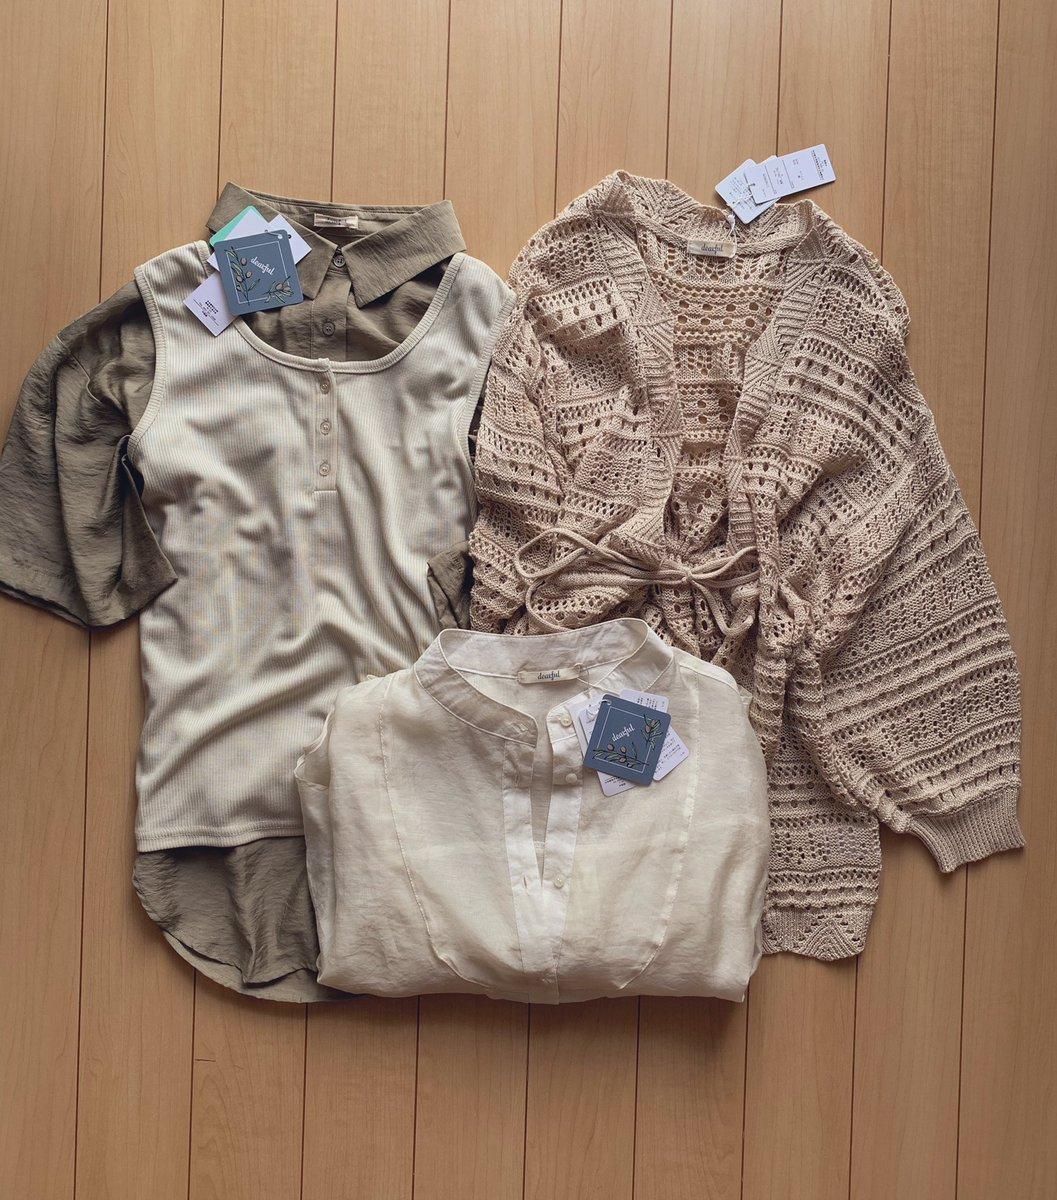 たまたま寄ったらまさかのあやさんのALL300円𓂃༞♡可愛すぎるしこれから着れるってのがありがたすぎる( ⸝⸝⸝⌄⸝⸝⸝)◦#しまむら#しまパト#しまむら購入品#プチプラのあや